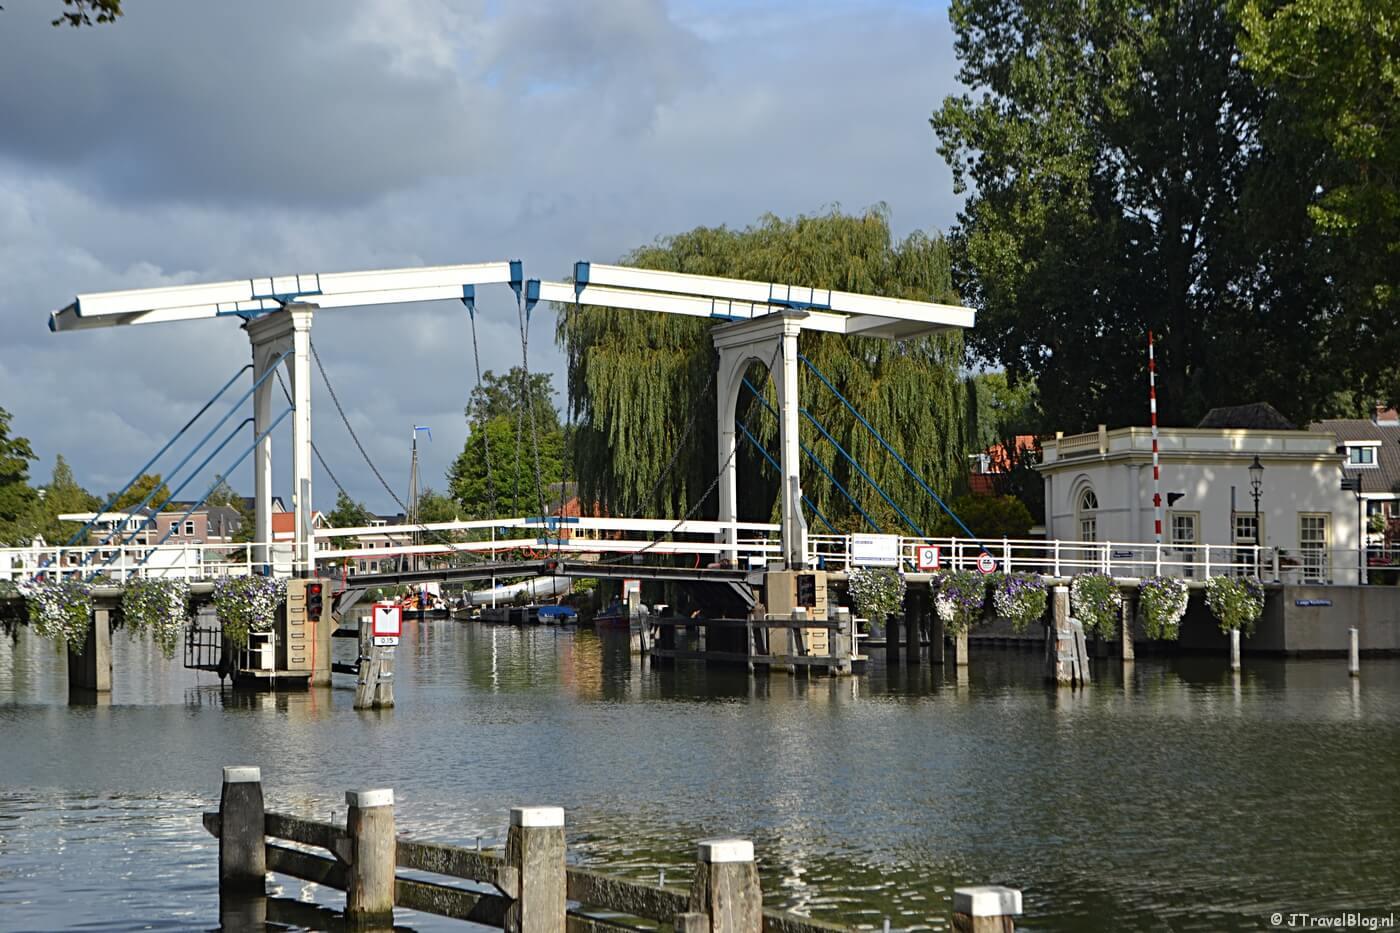 De Vechtbrug in Weesp